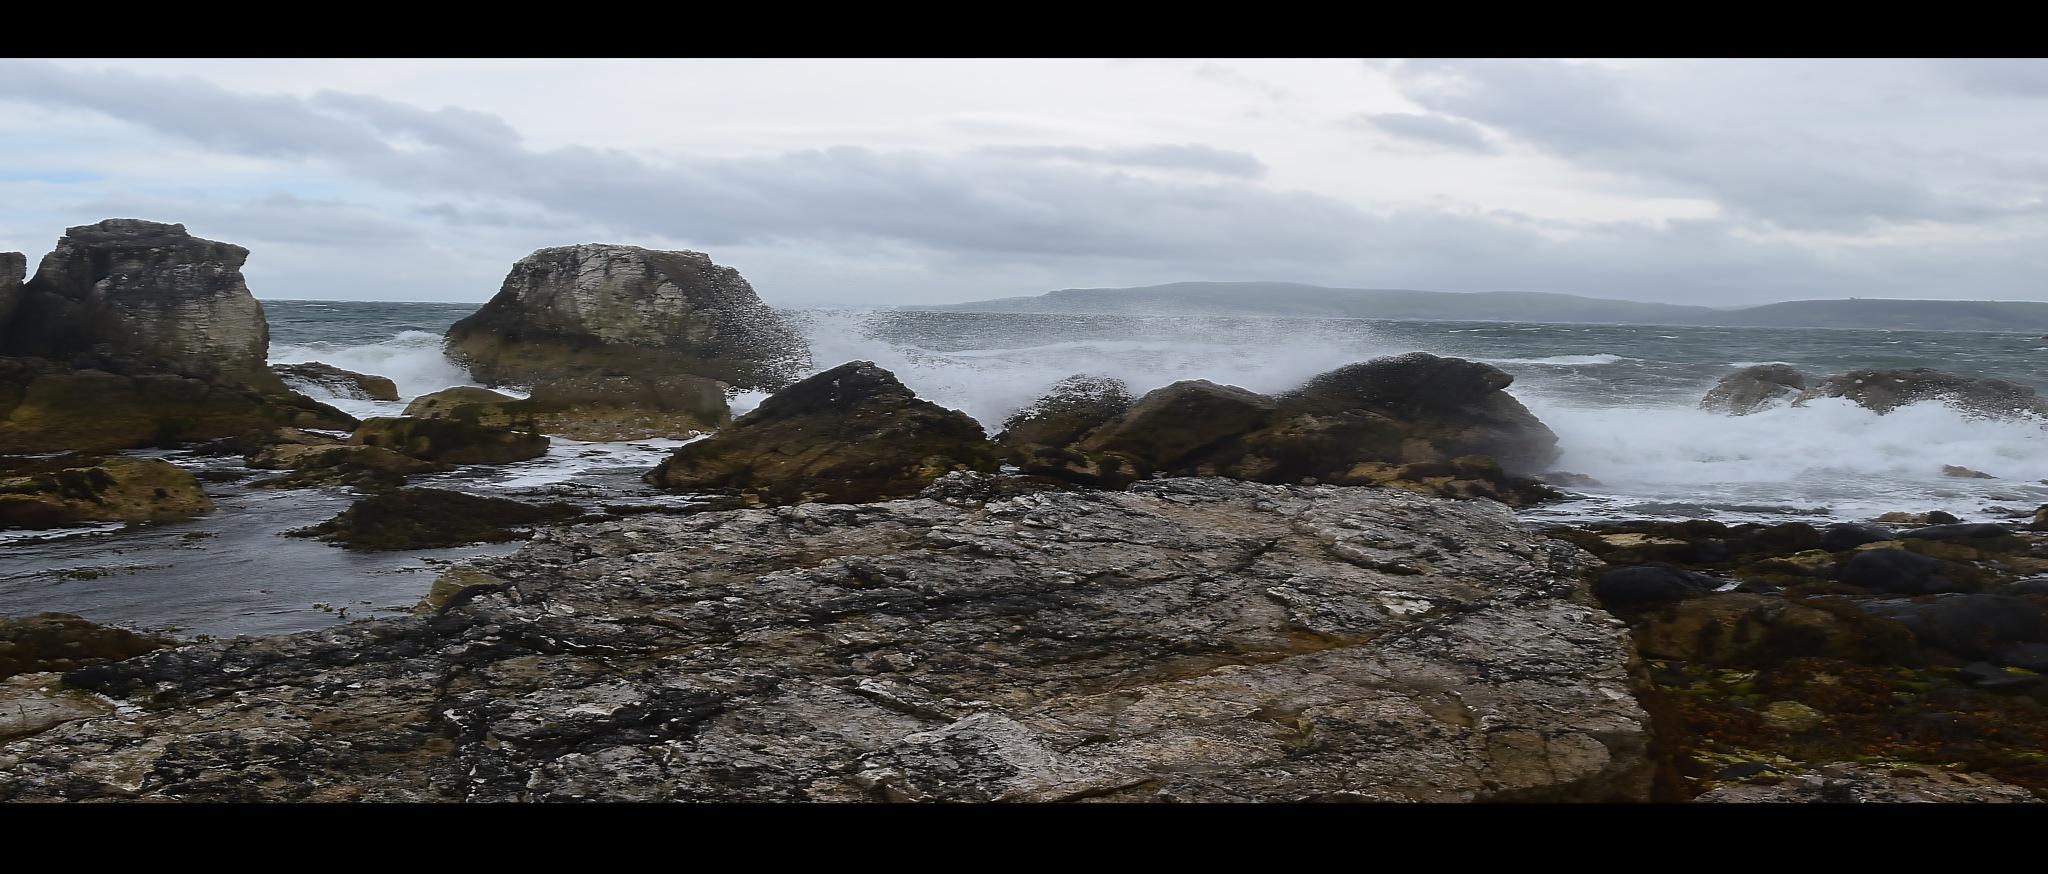 wicked sea by Jason Clarke